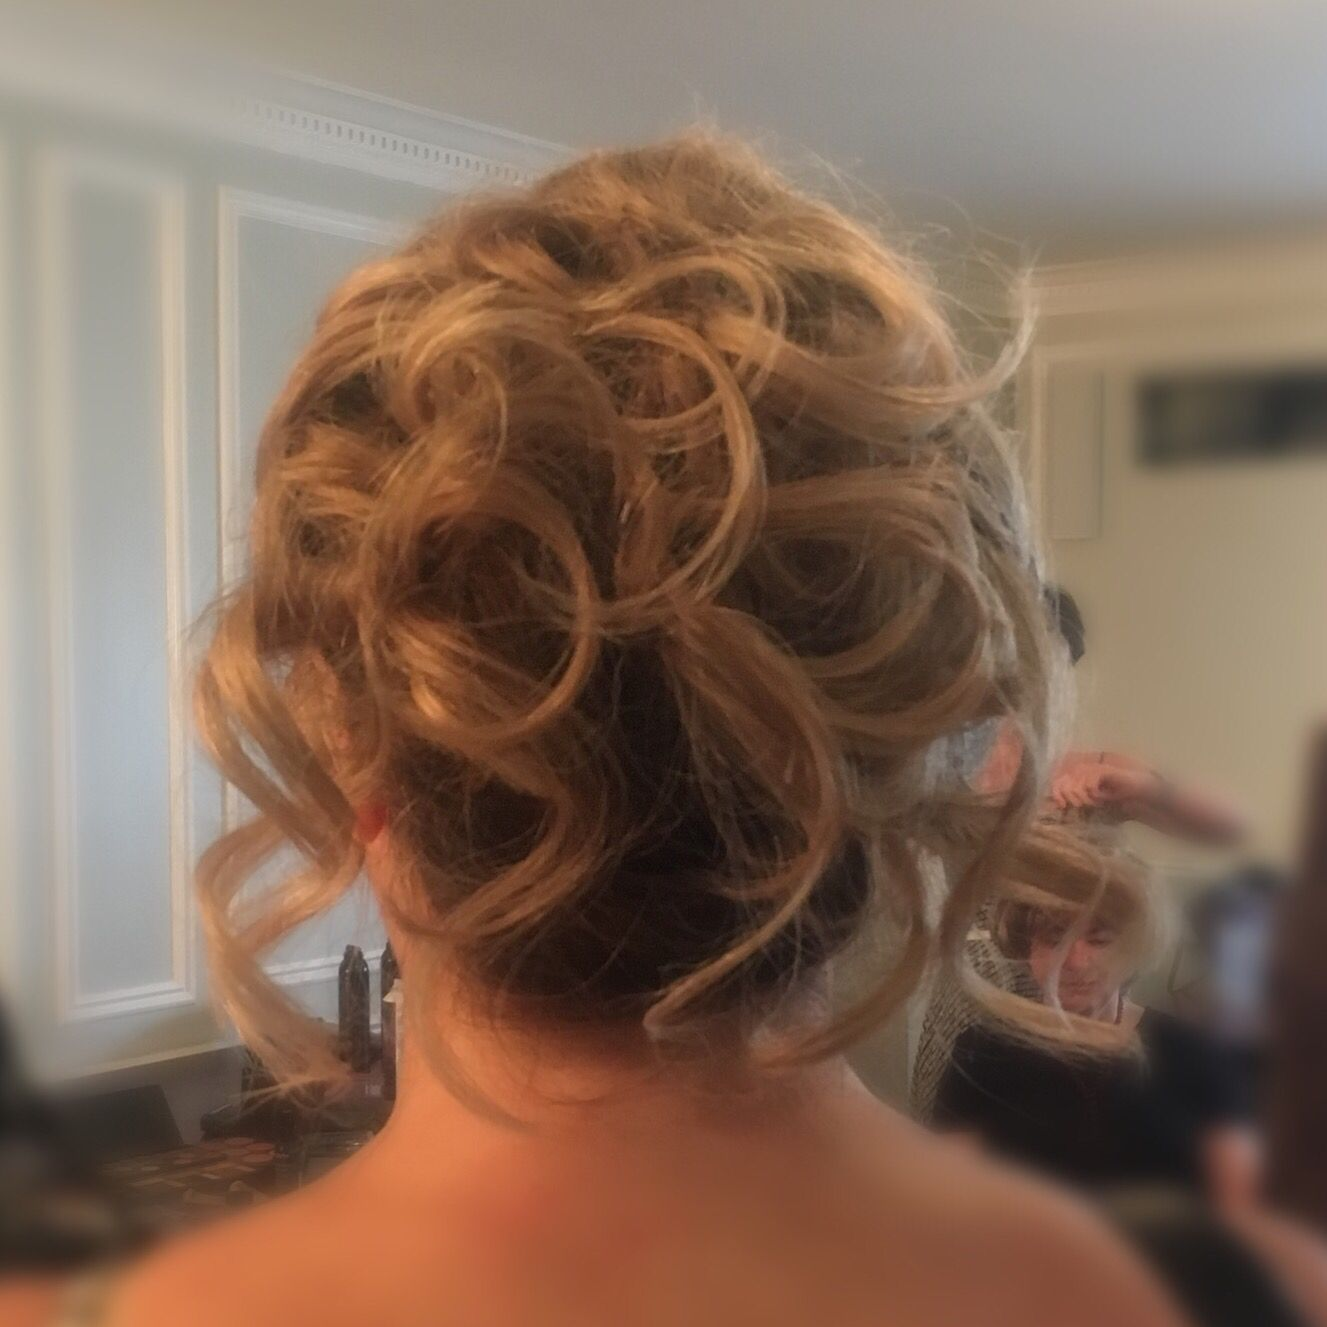 syracuse new york bridal hairstylist / wedding hair by me